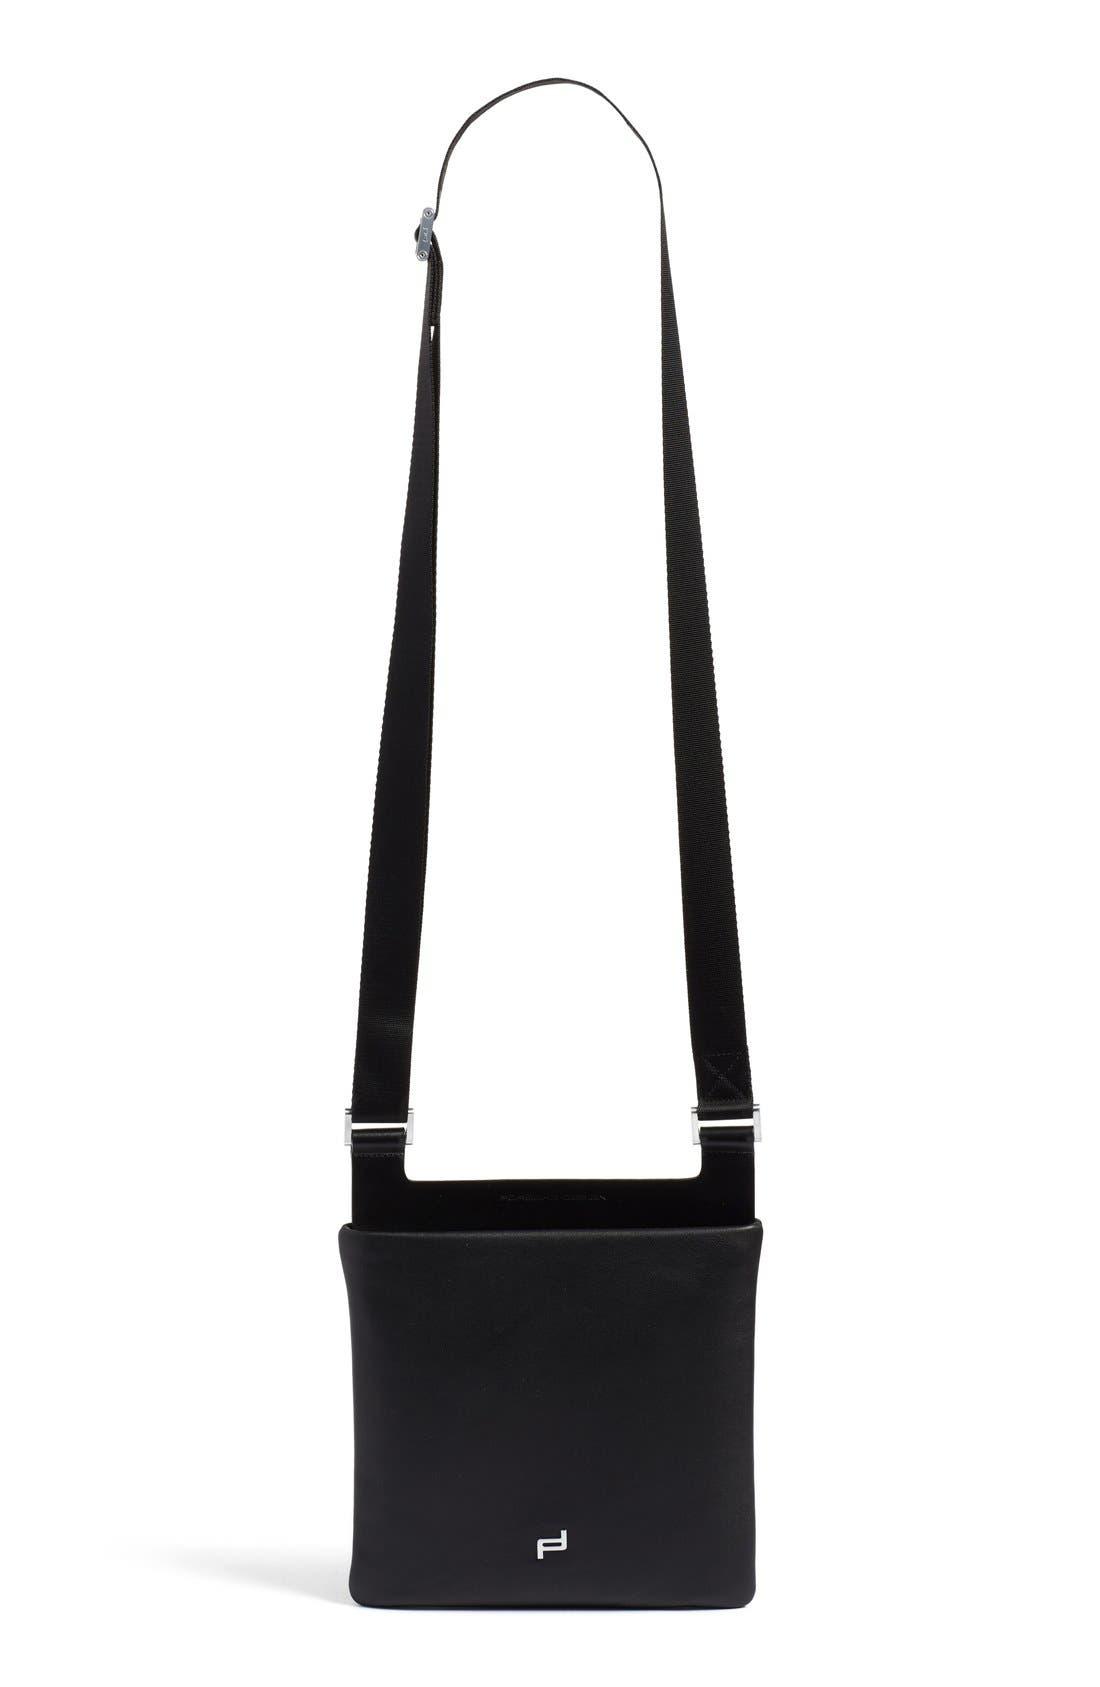 PORSCHE DESIGN Leather Shoulder Bag